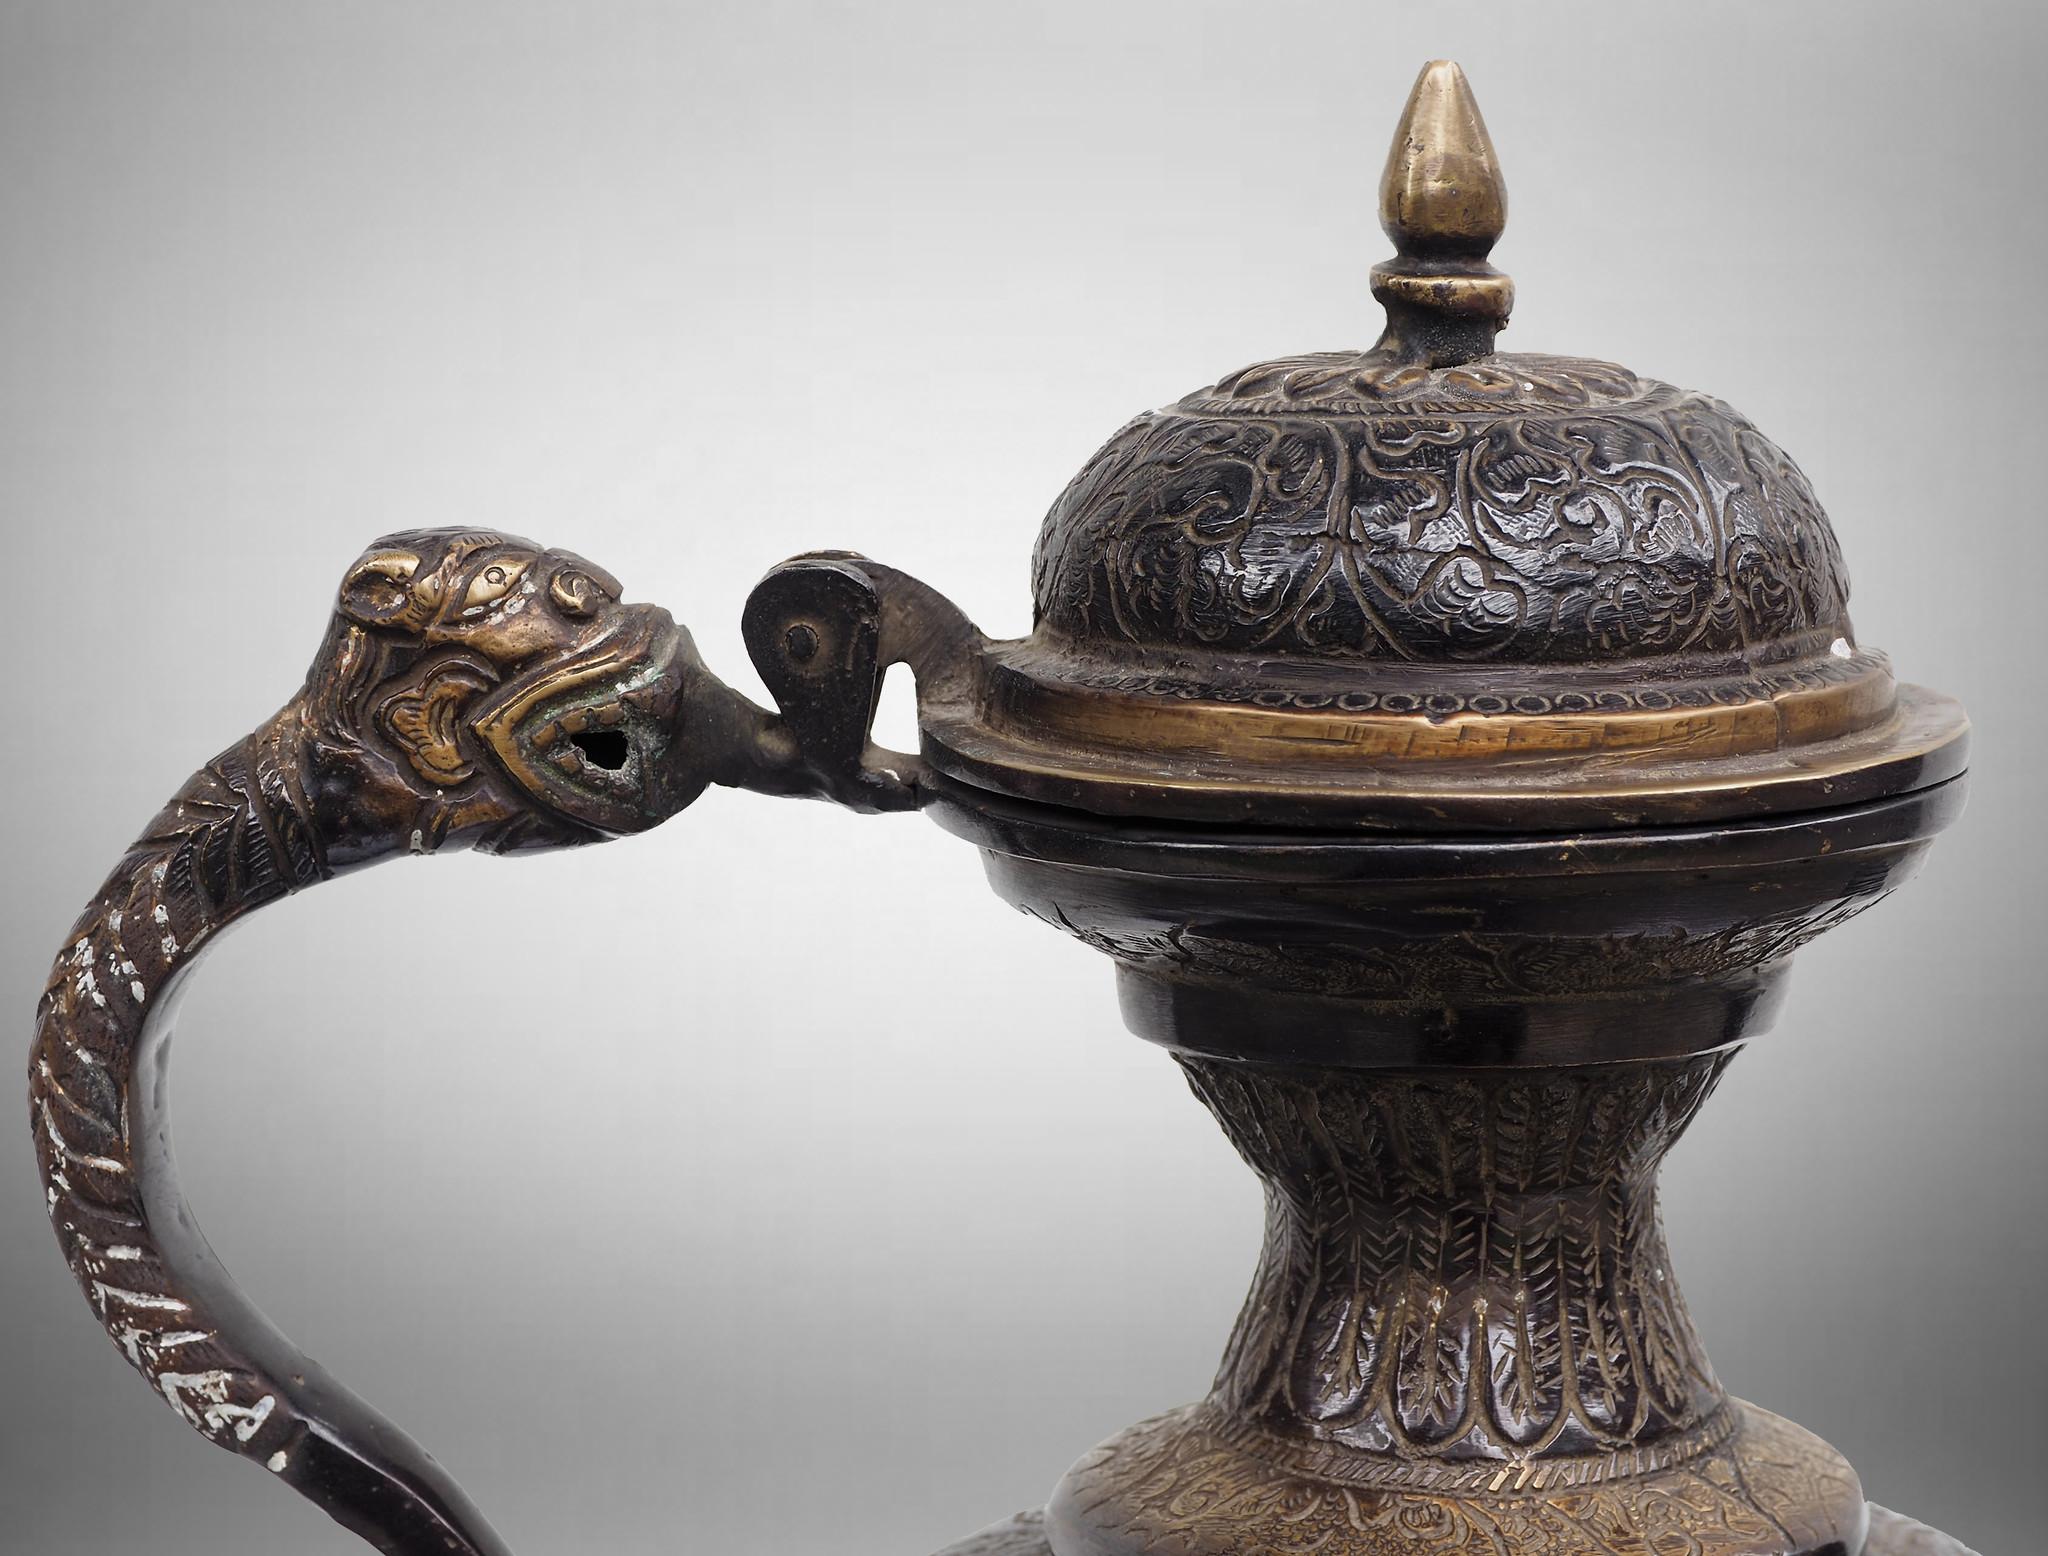 schwer islamische Bronze Teekanne Kanne aus Nord-Indien mit islamische Arabische Schrift  Allh  (الله)